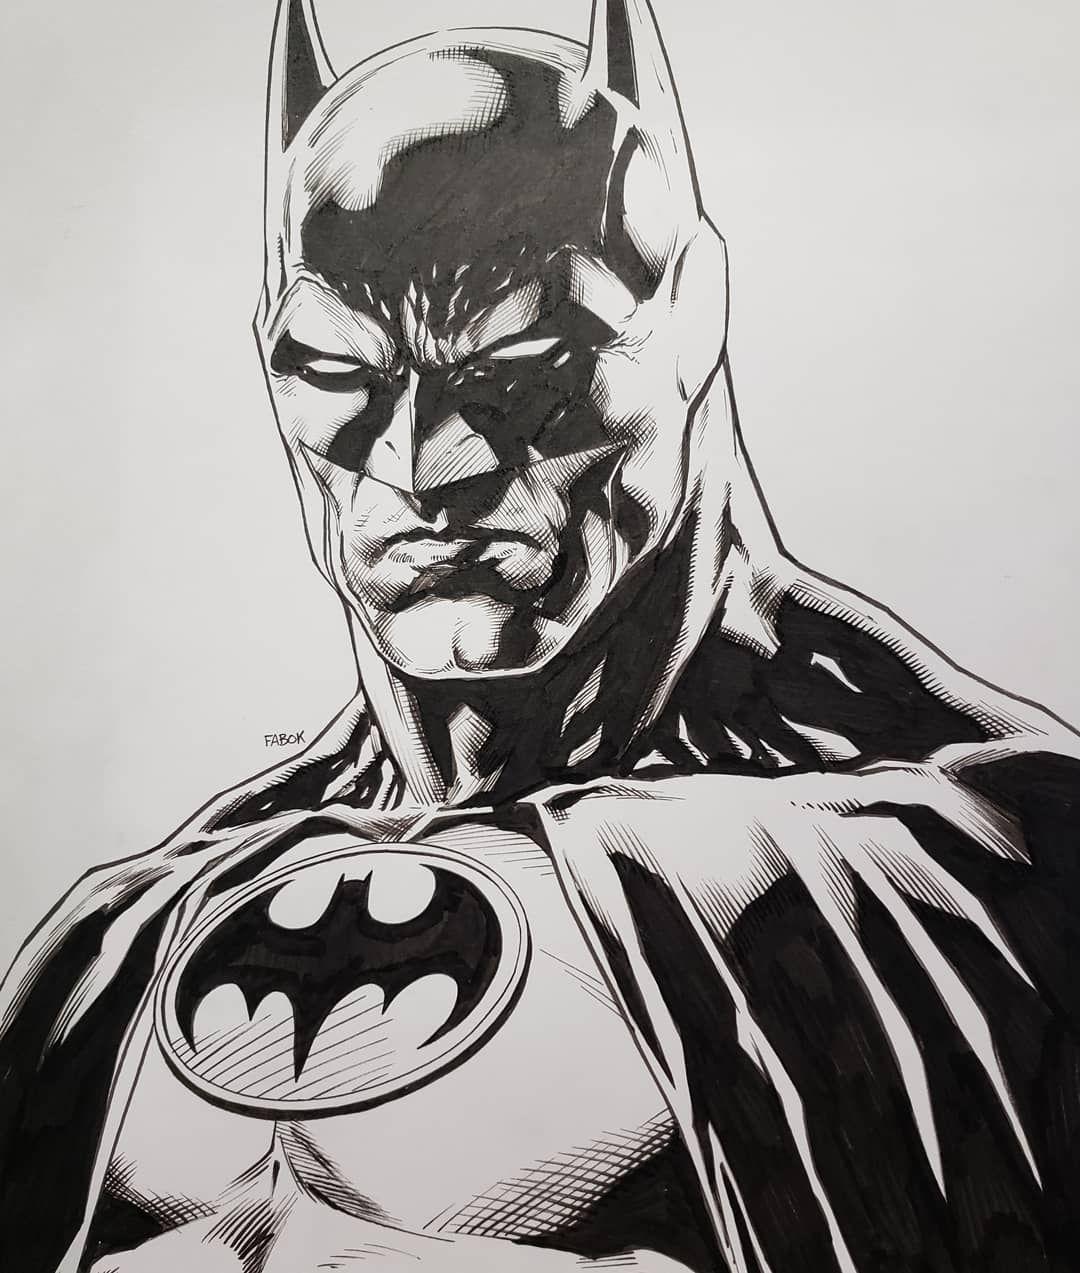 Batman Commission For Fan Expo Batman Dccomics Art Sketch Comicbooks Comics Design Arte Batman Batman Dibujo Pintura Batman